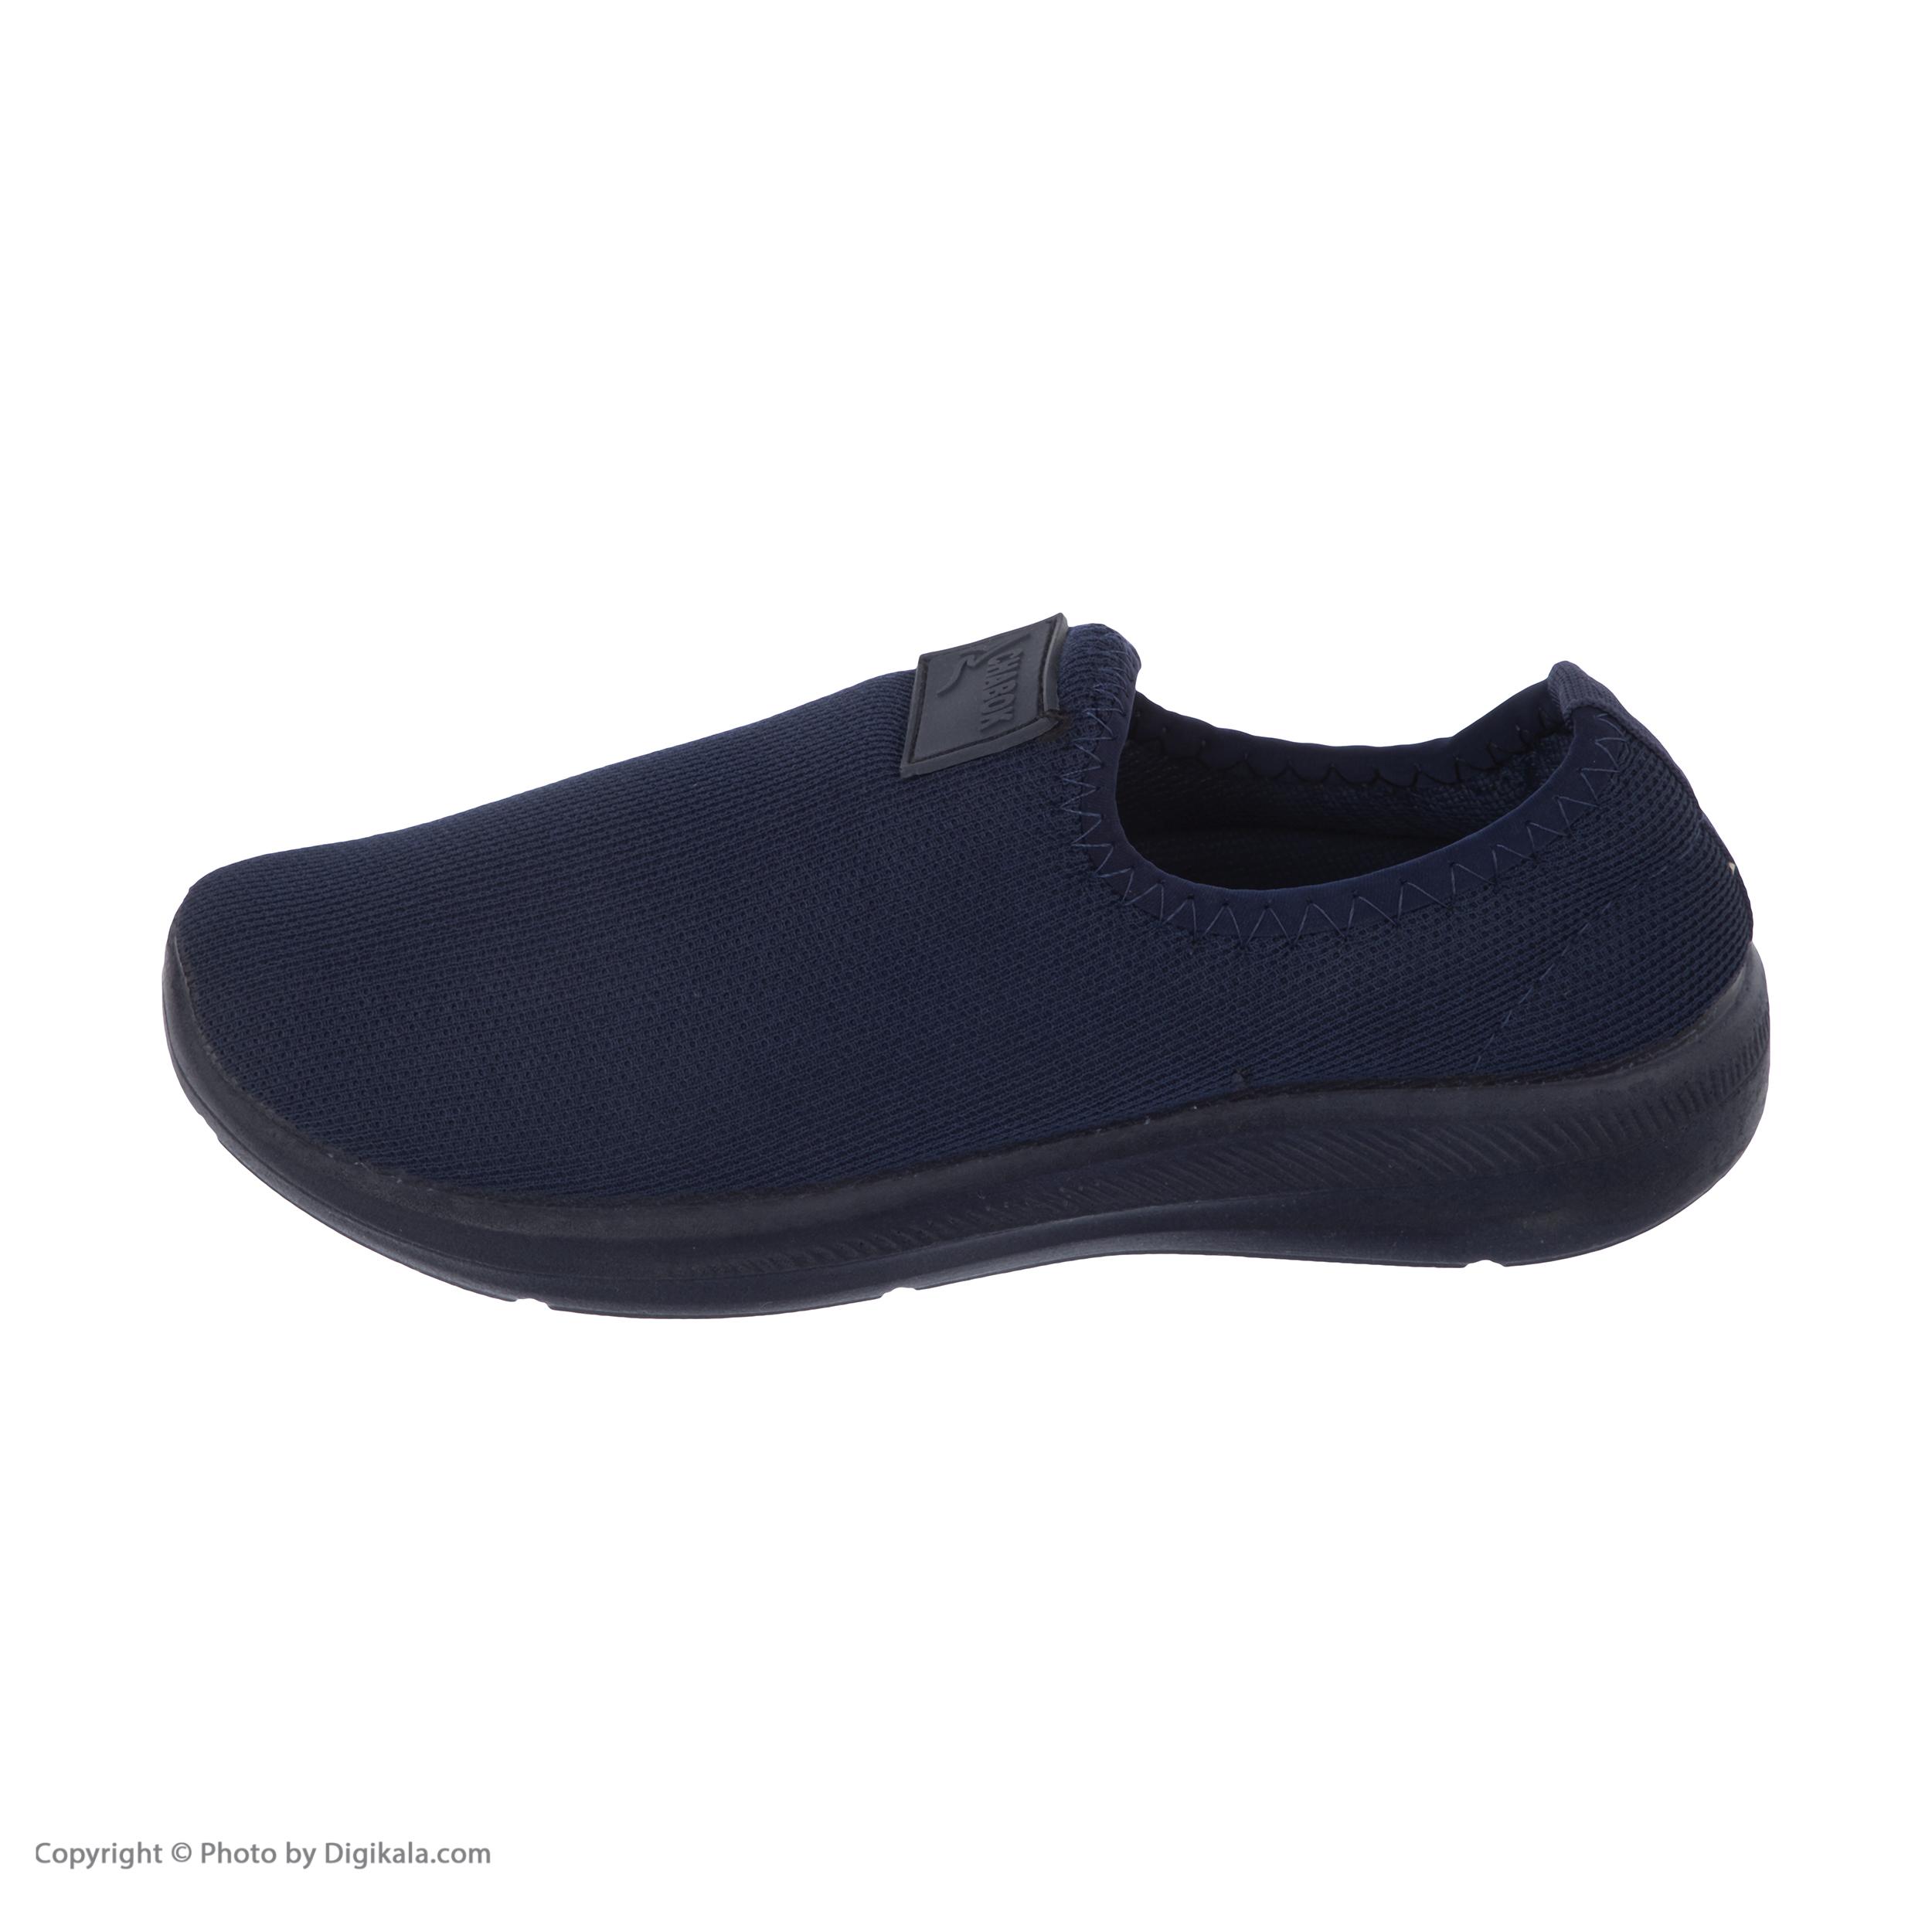 کفش راحتی چابک مدل رامش رنگ سرمه ای -  - 3